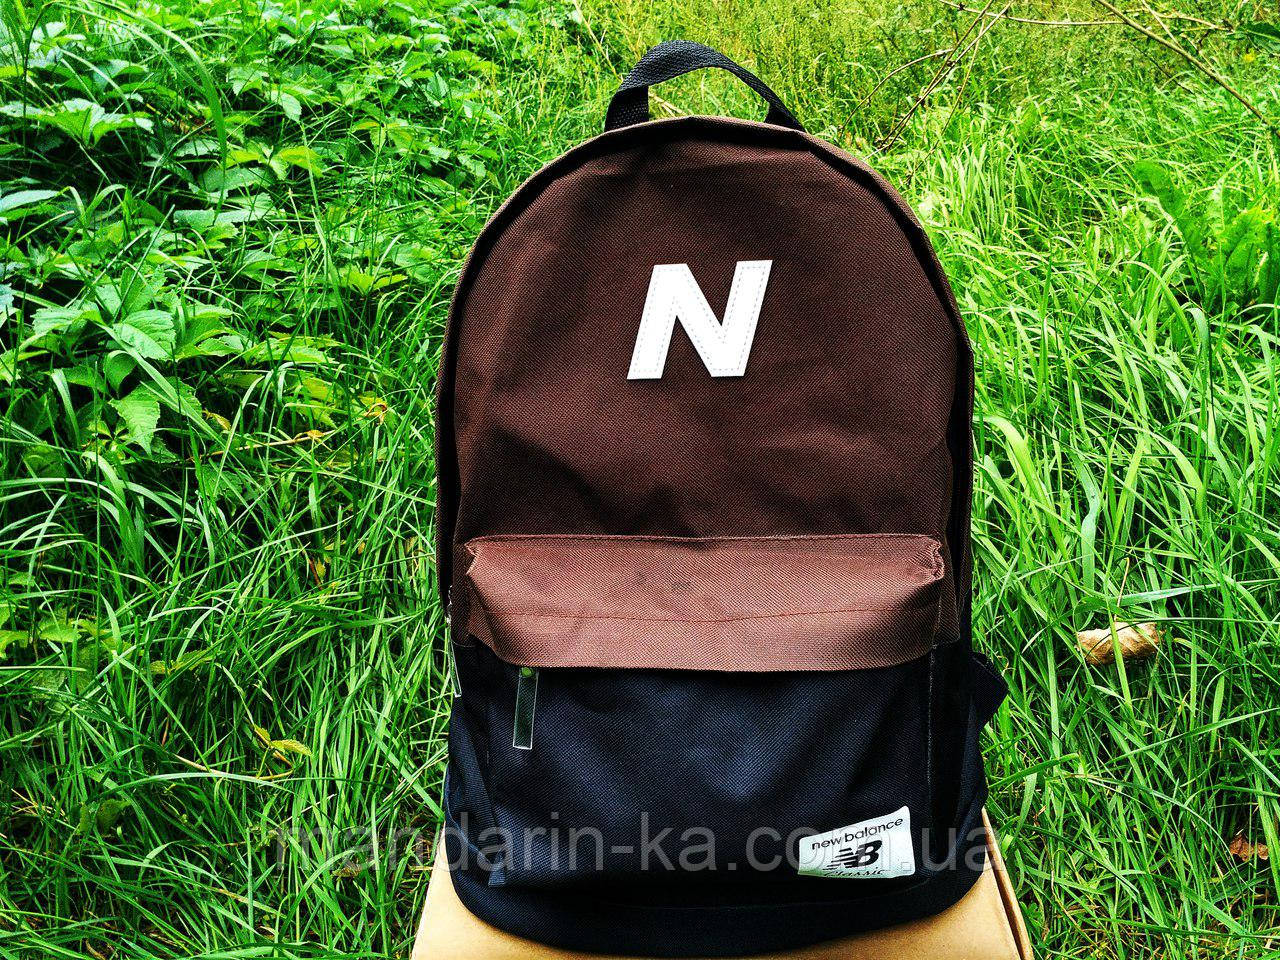 Рюкзак городской New balance Нью Беленс коричнево-черный (реплика)